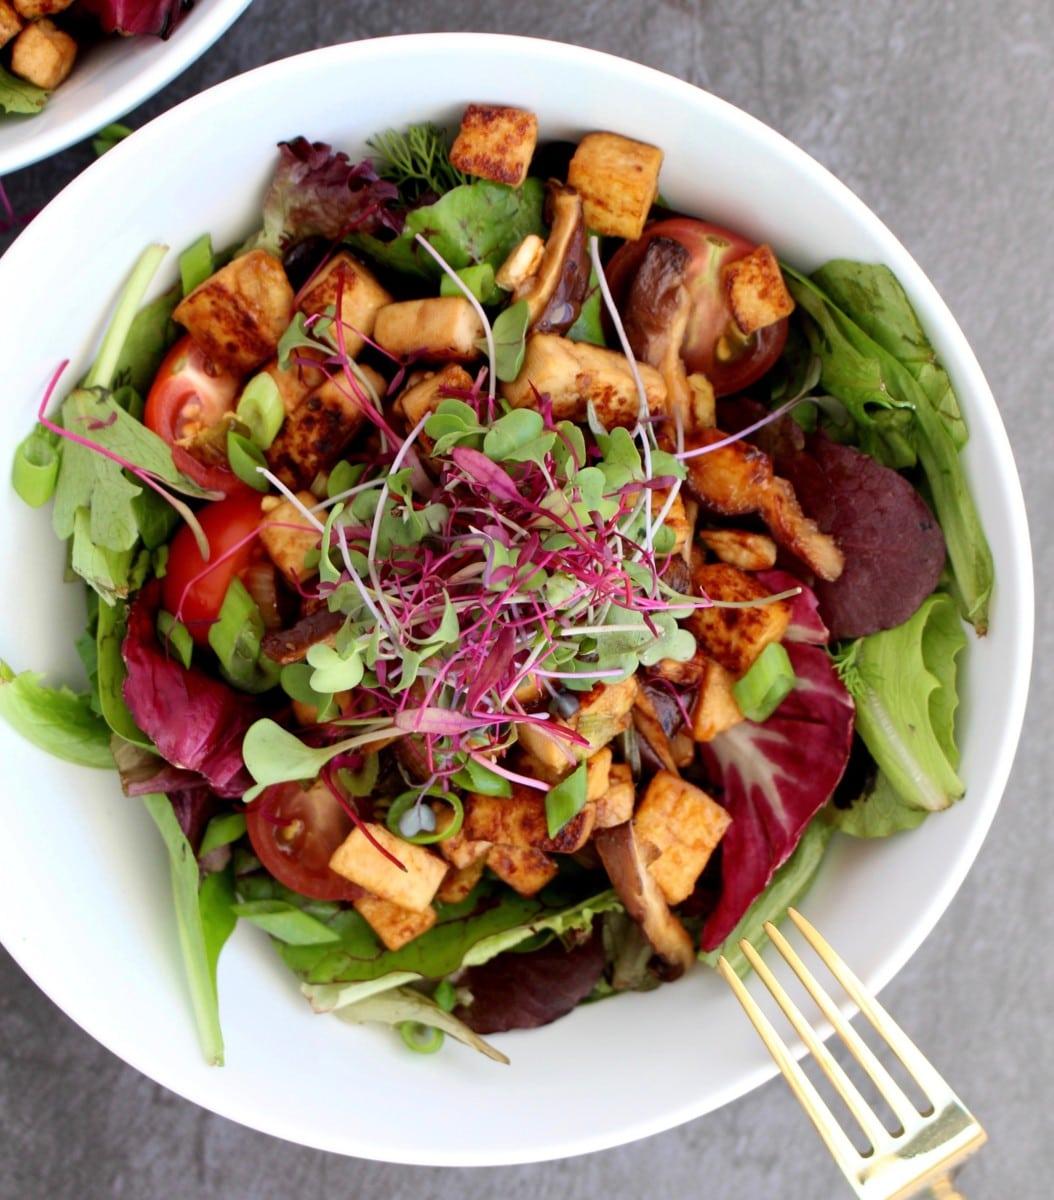 Tofu and Mushroom Salad